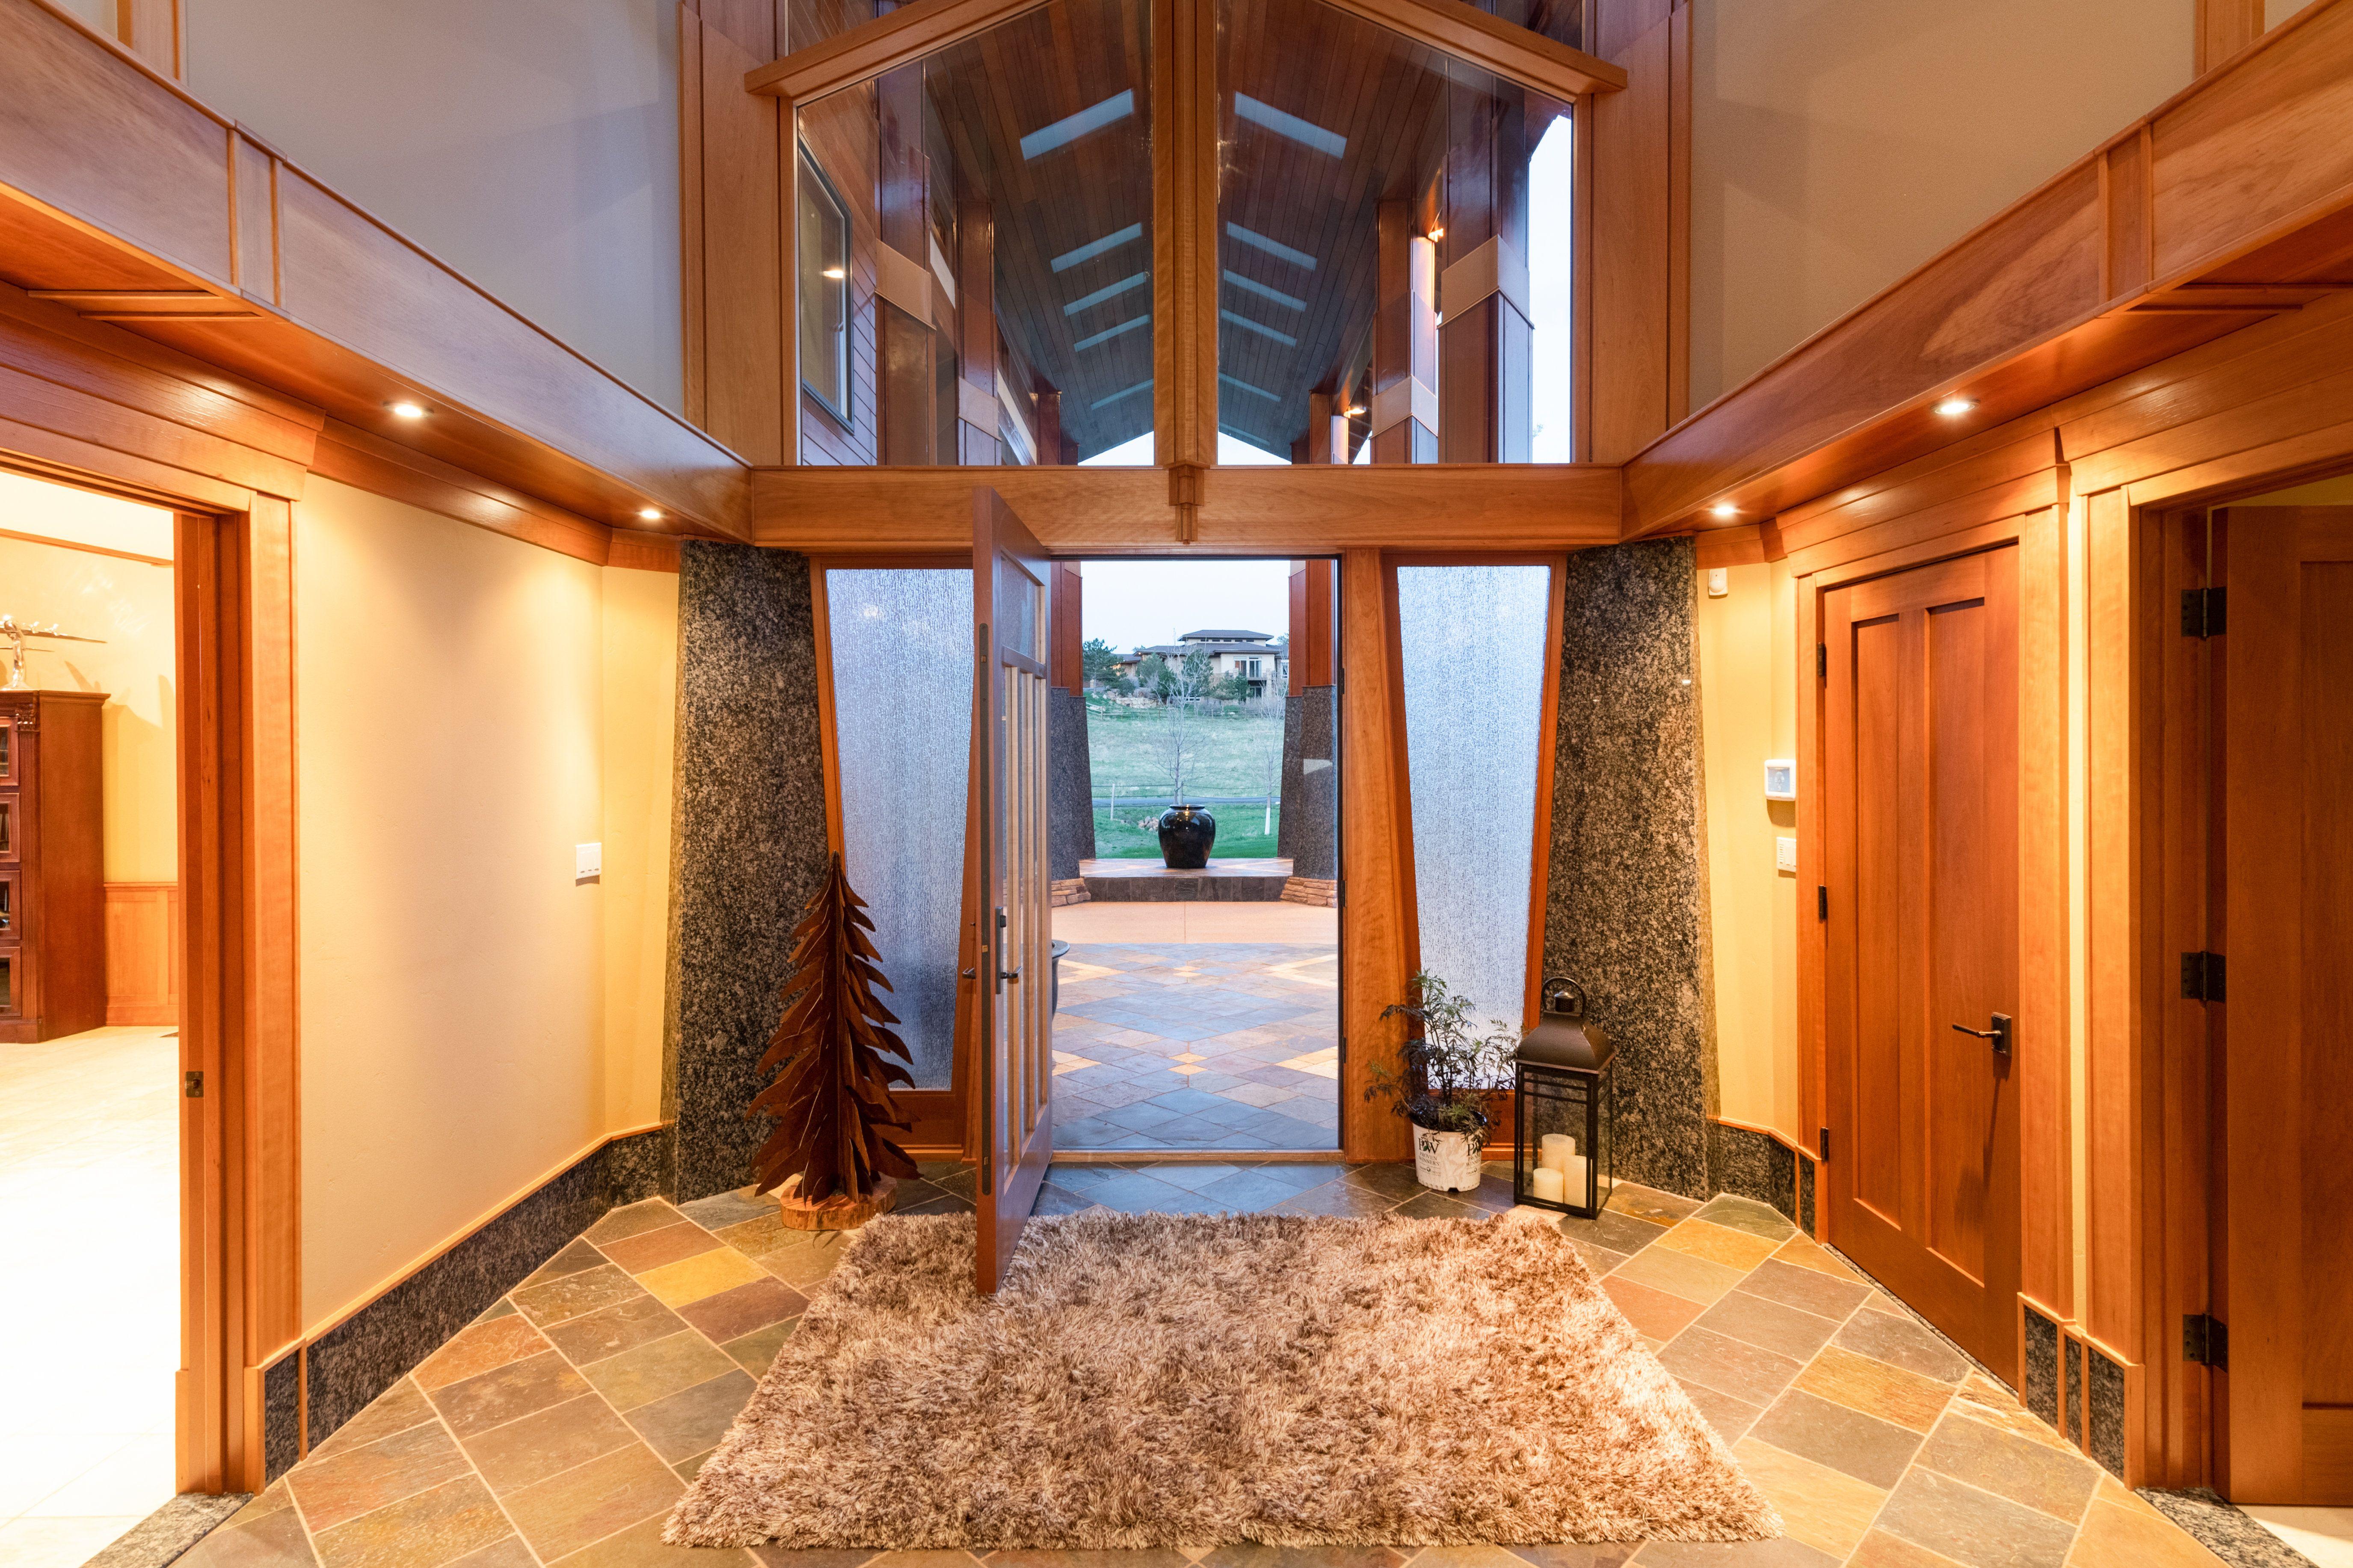 Colorado Mountain house on 35 acres asks $7M entrance